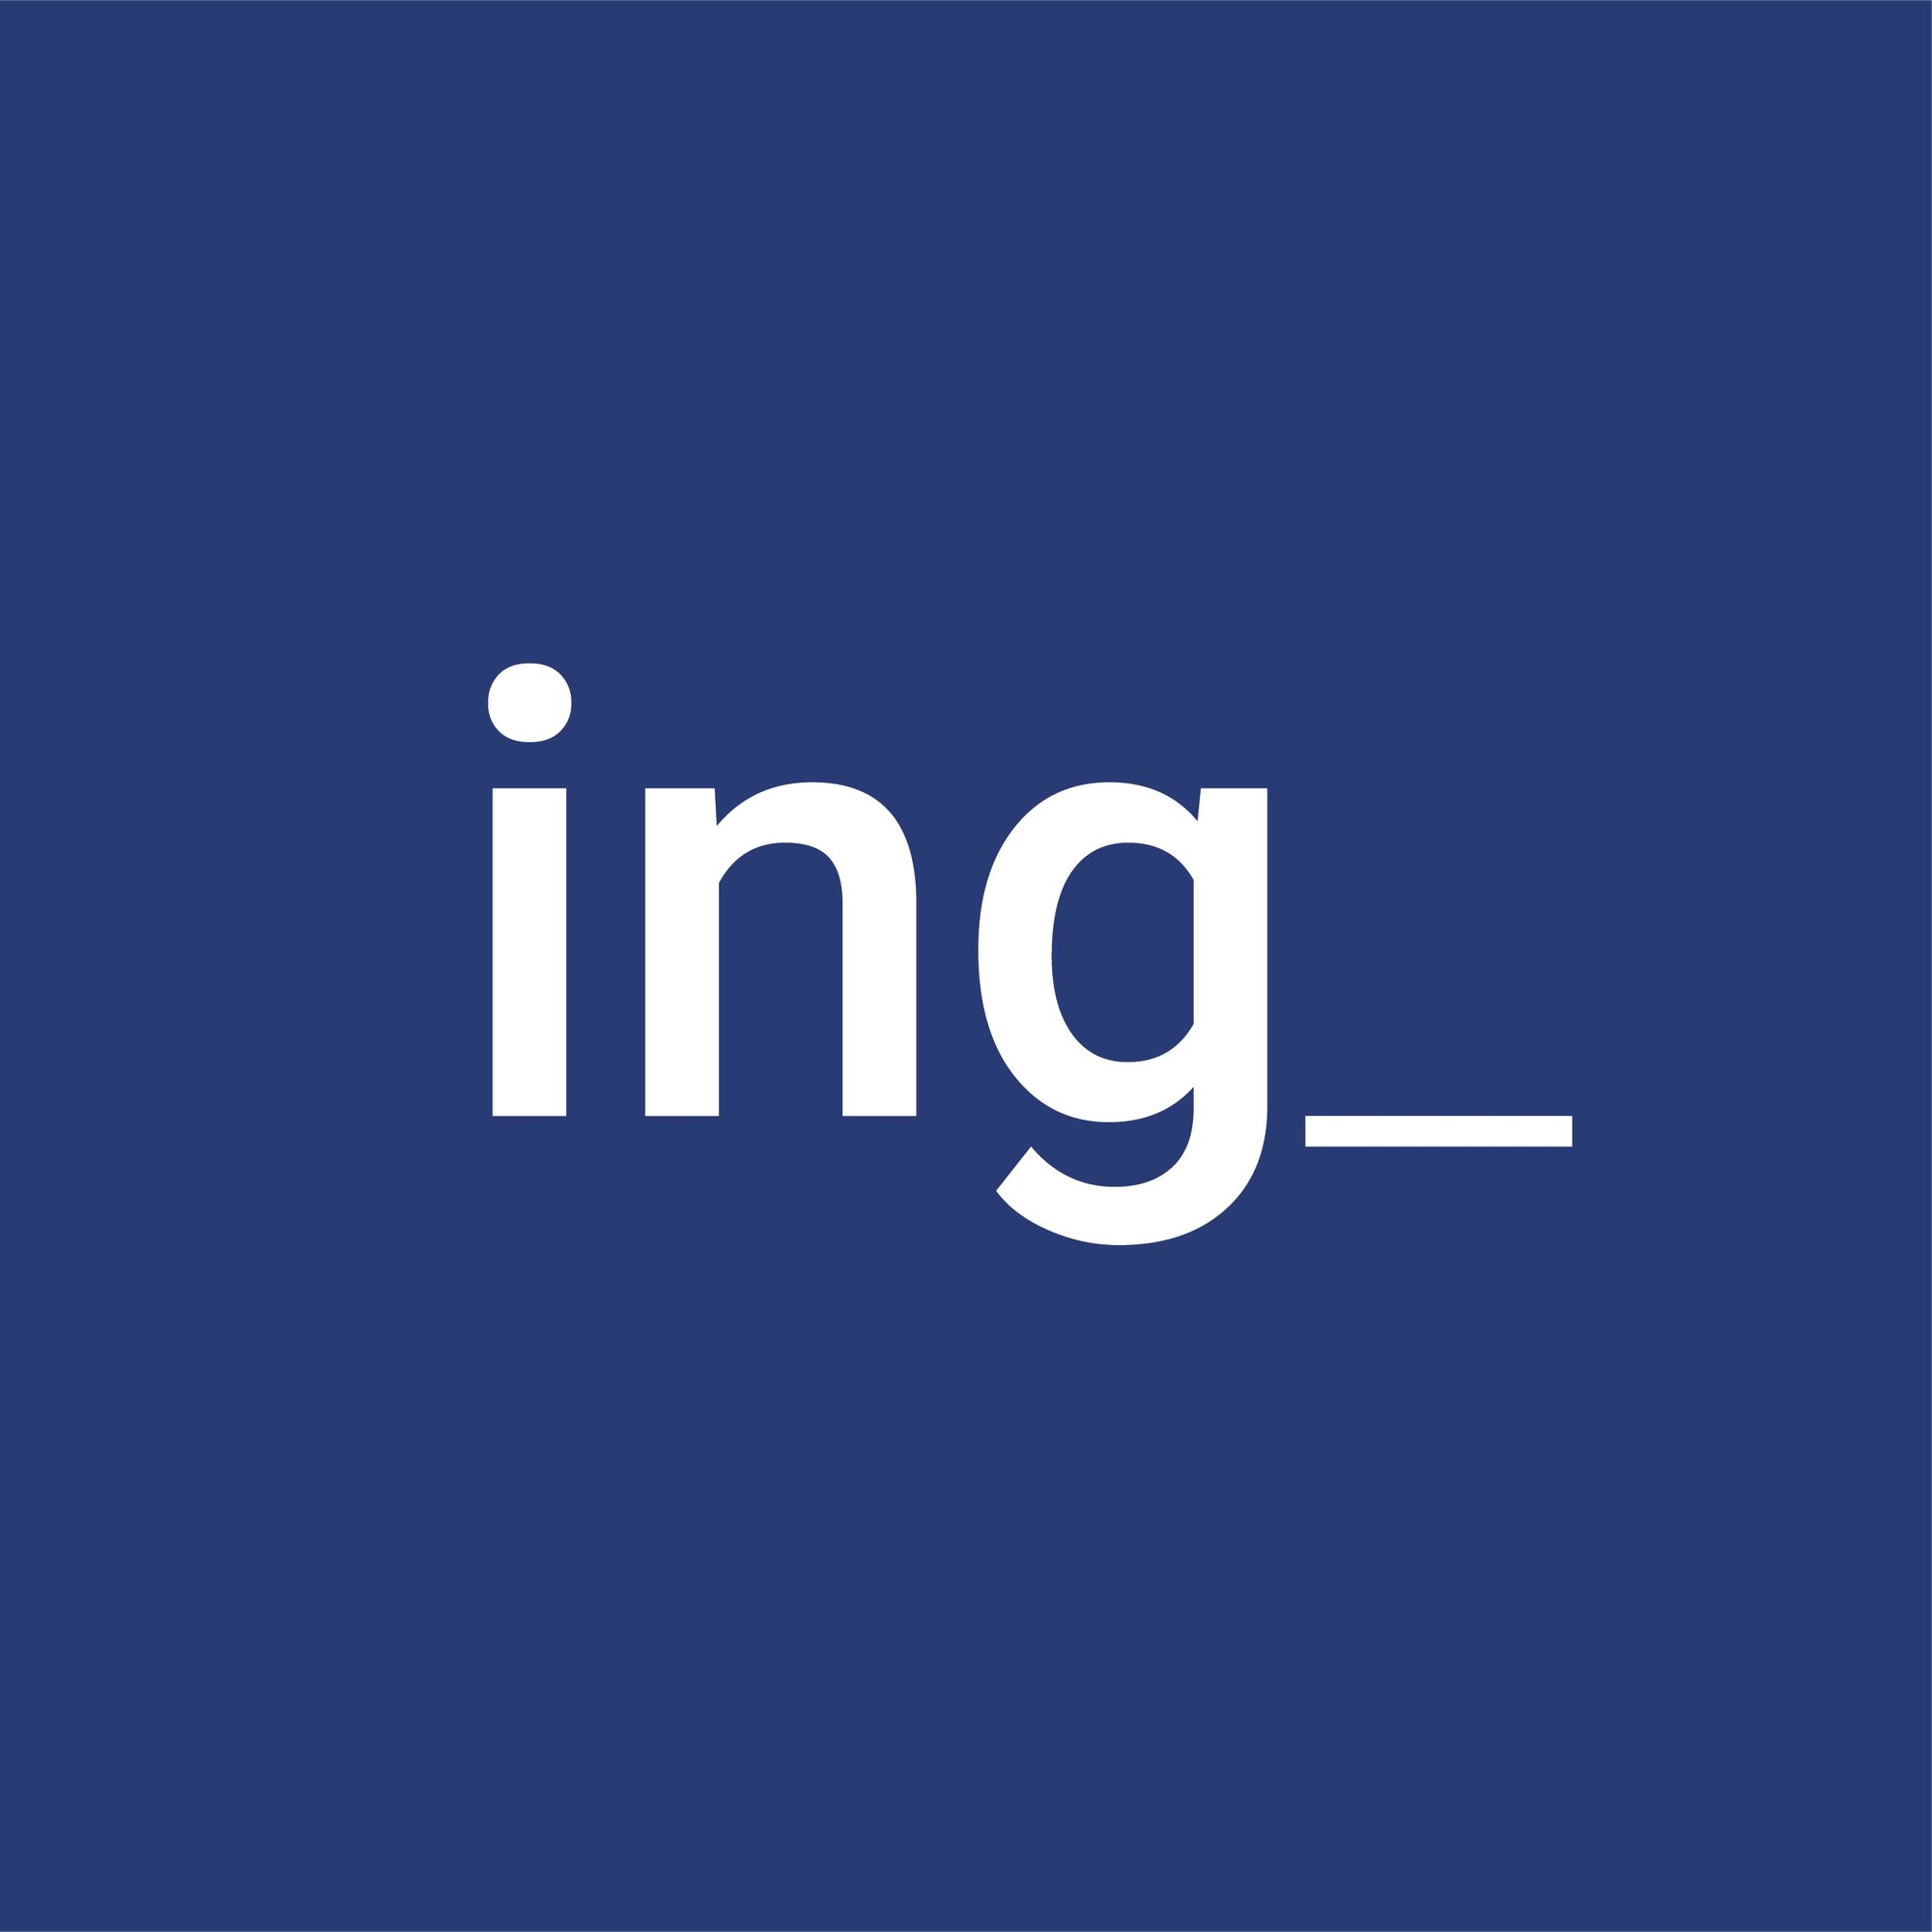 Ingsoftware